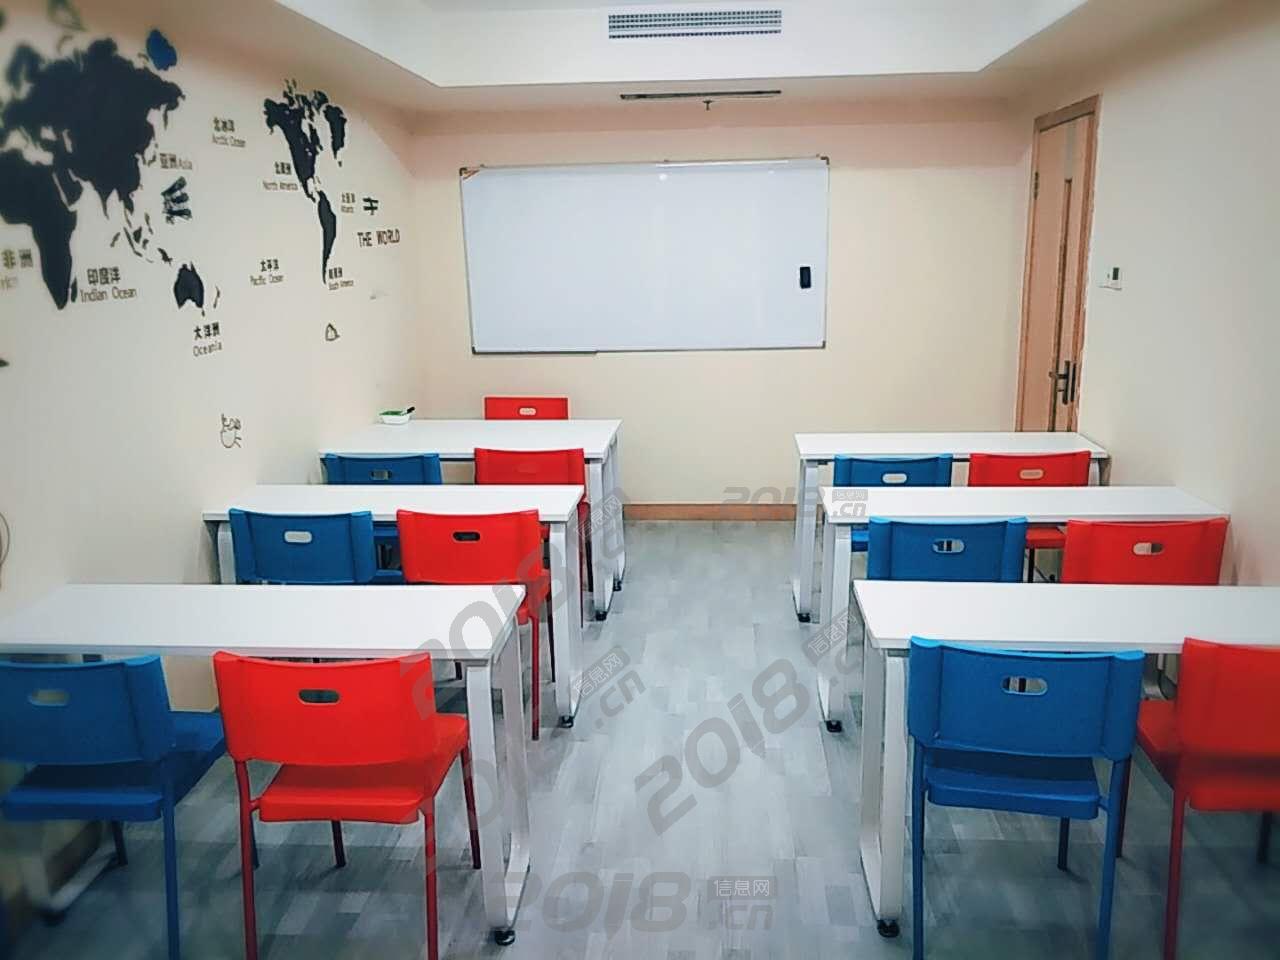 无锡日语专业培训日语翻译培训班朗学教育